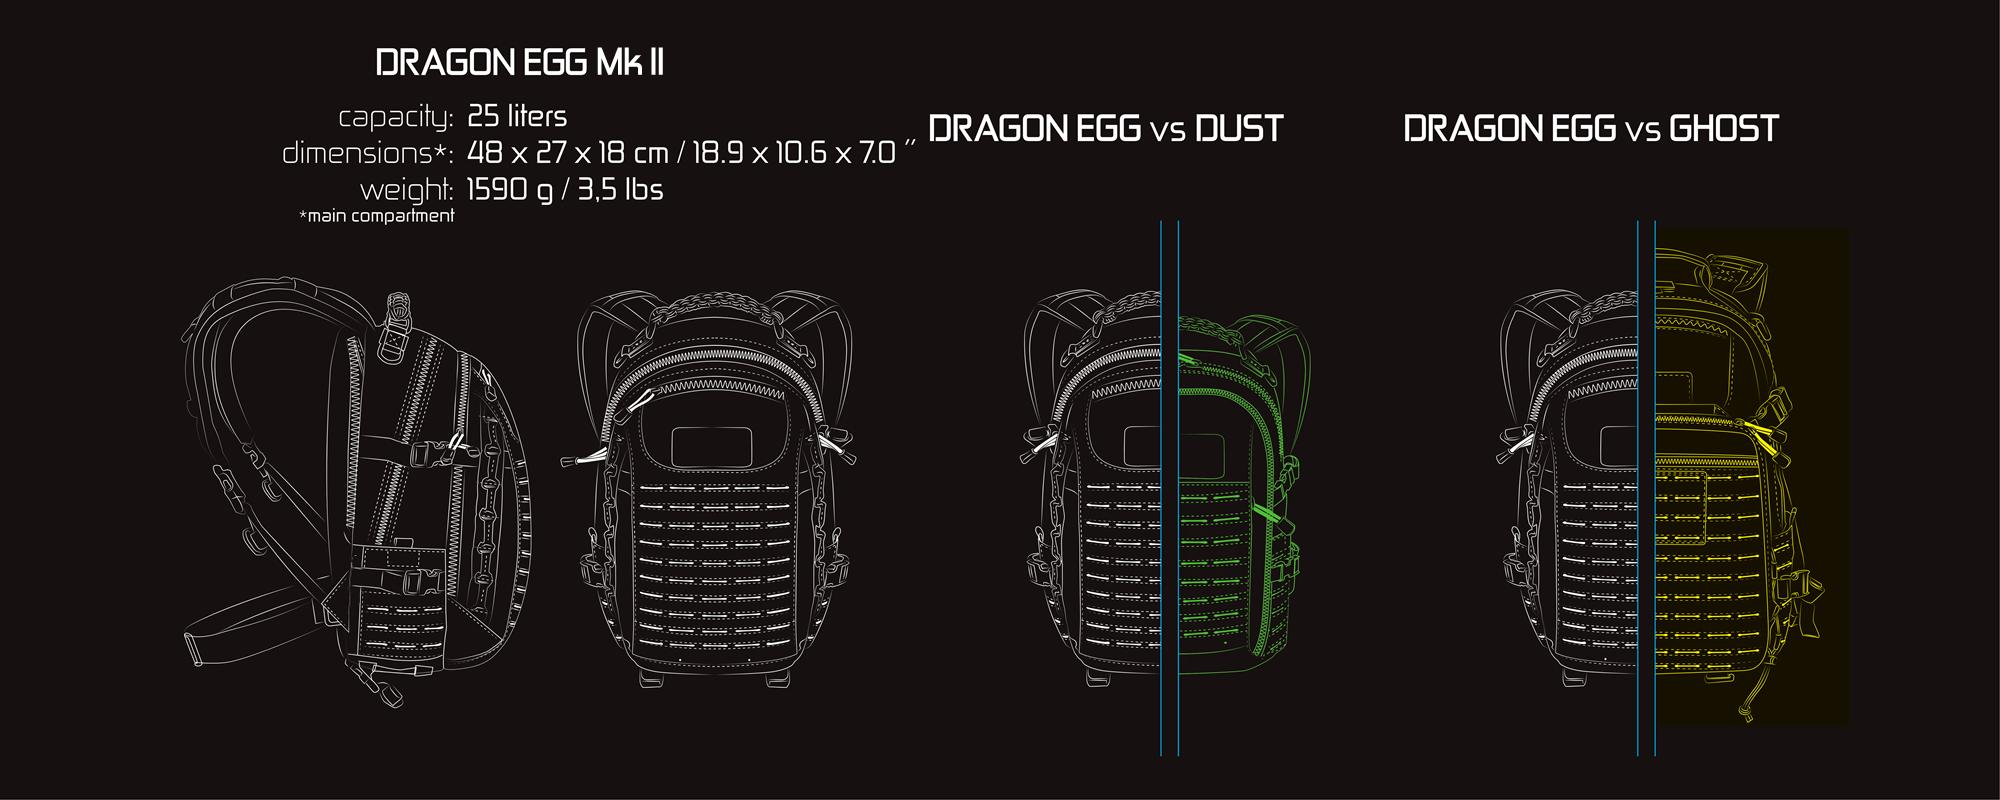 DA-BP-DEGG-CD5